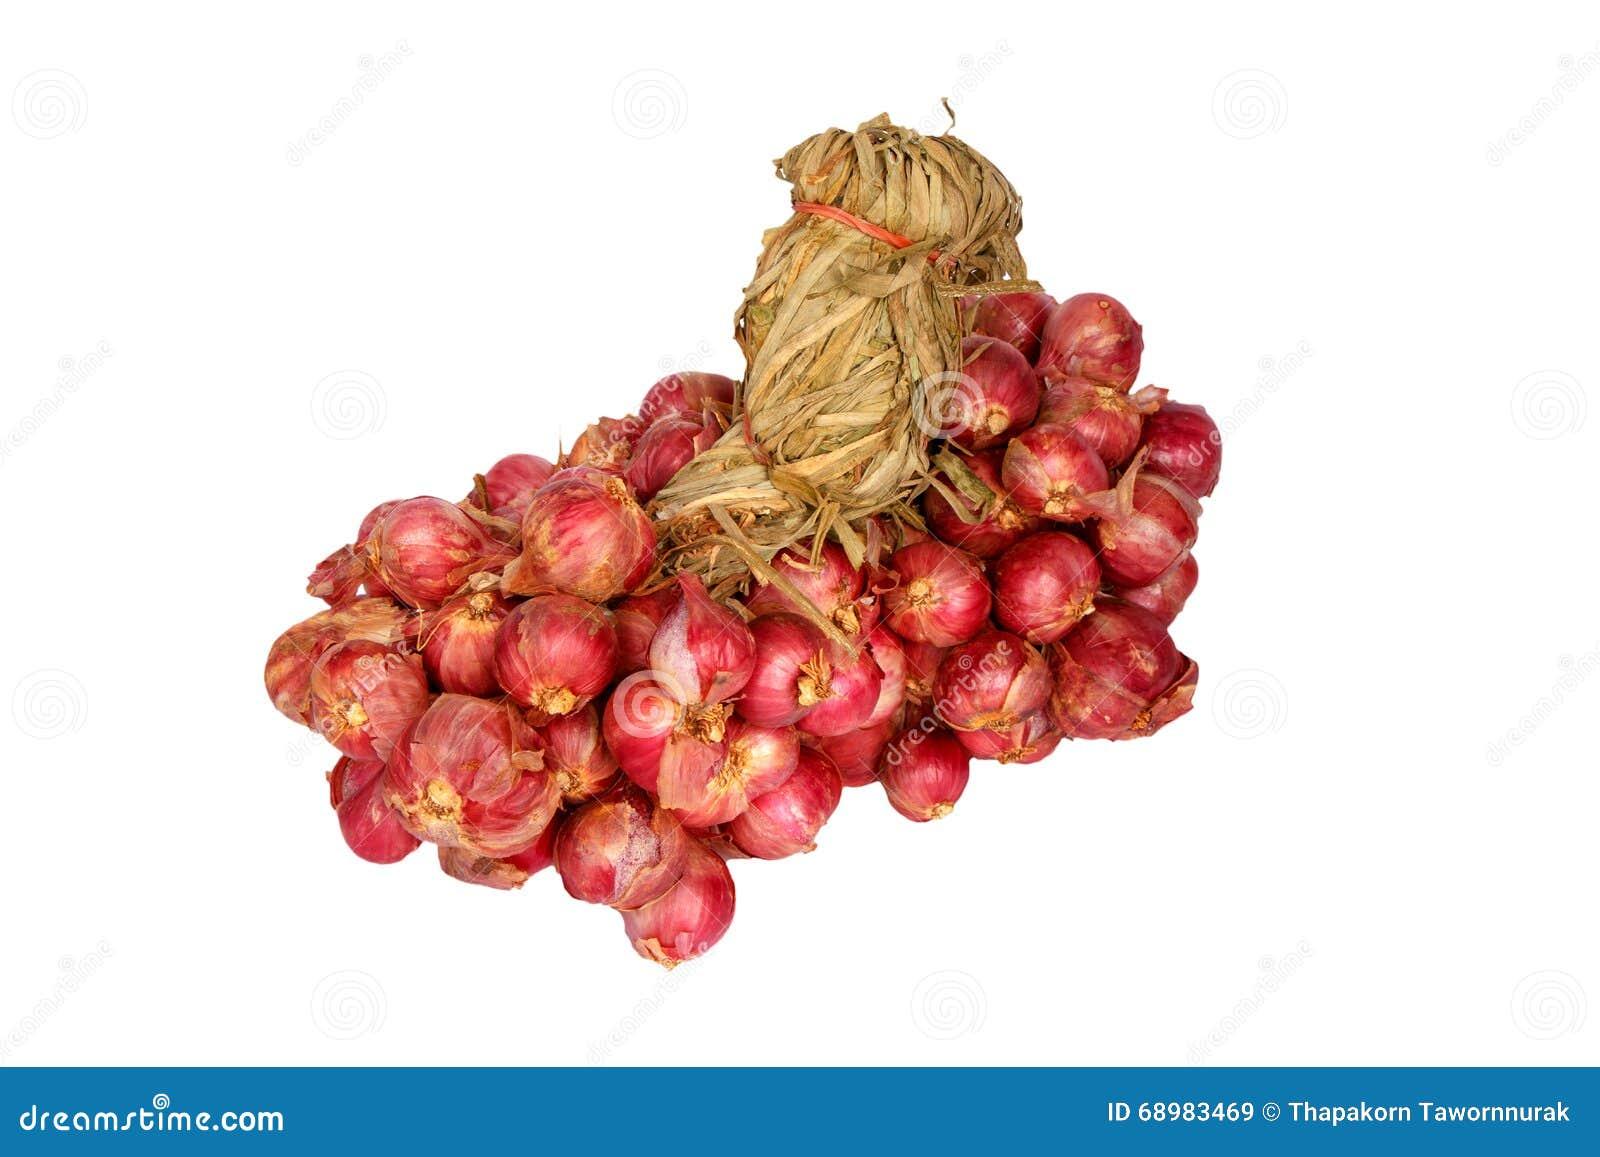 Grupo de cebolla roja